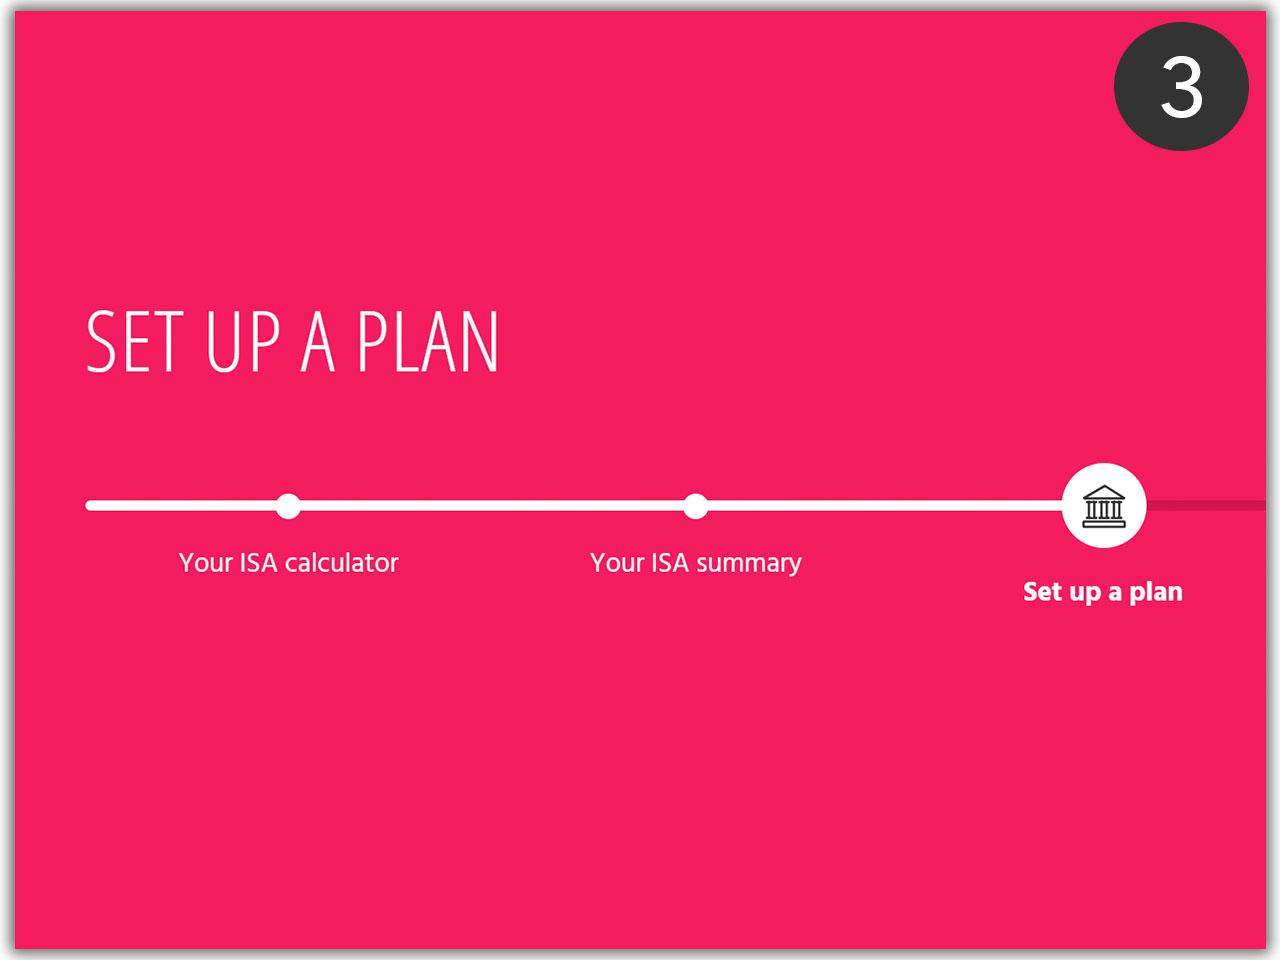 Set up a plan